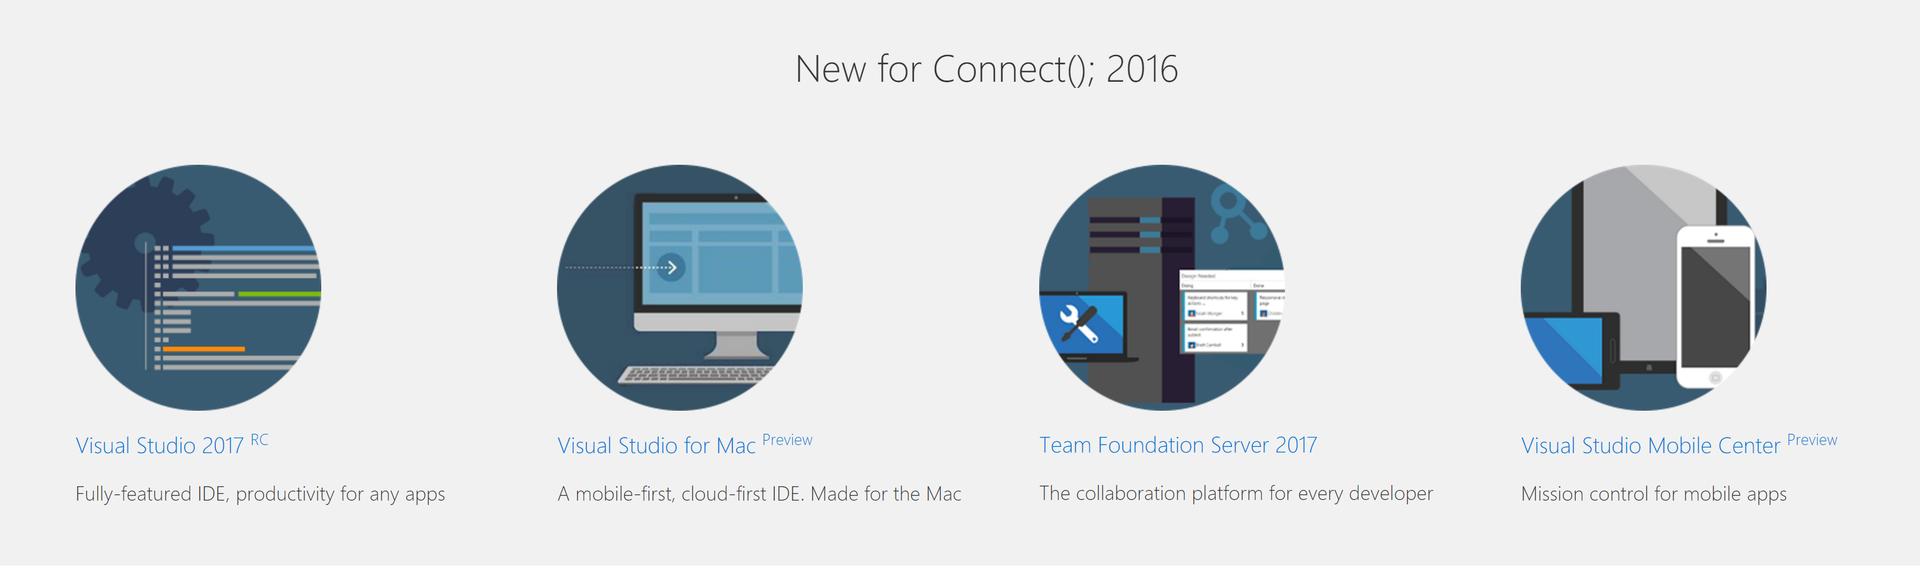 Visual Studio для Mac и другие новости конференции Connect(); //2016